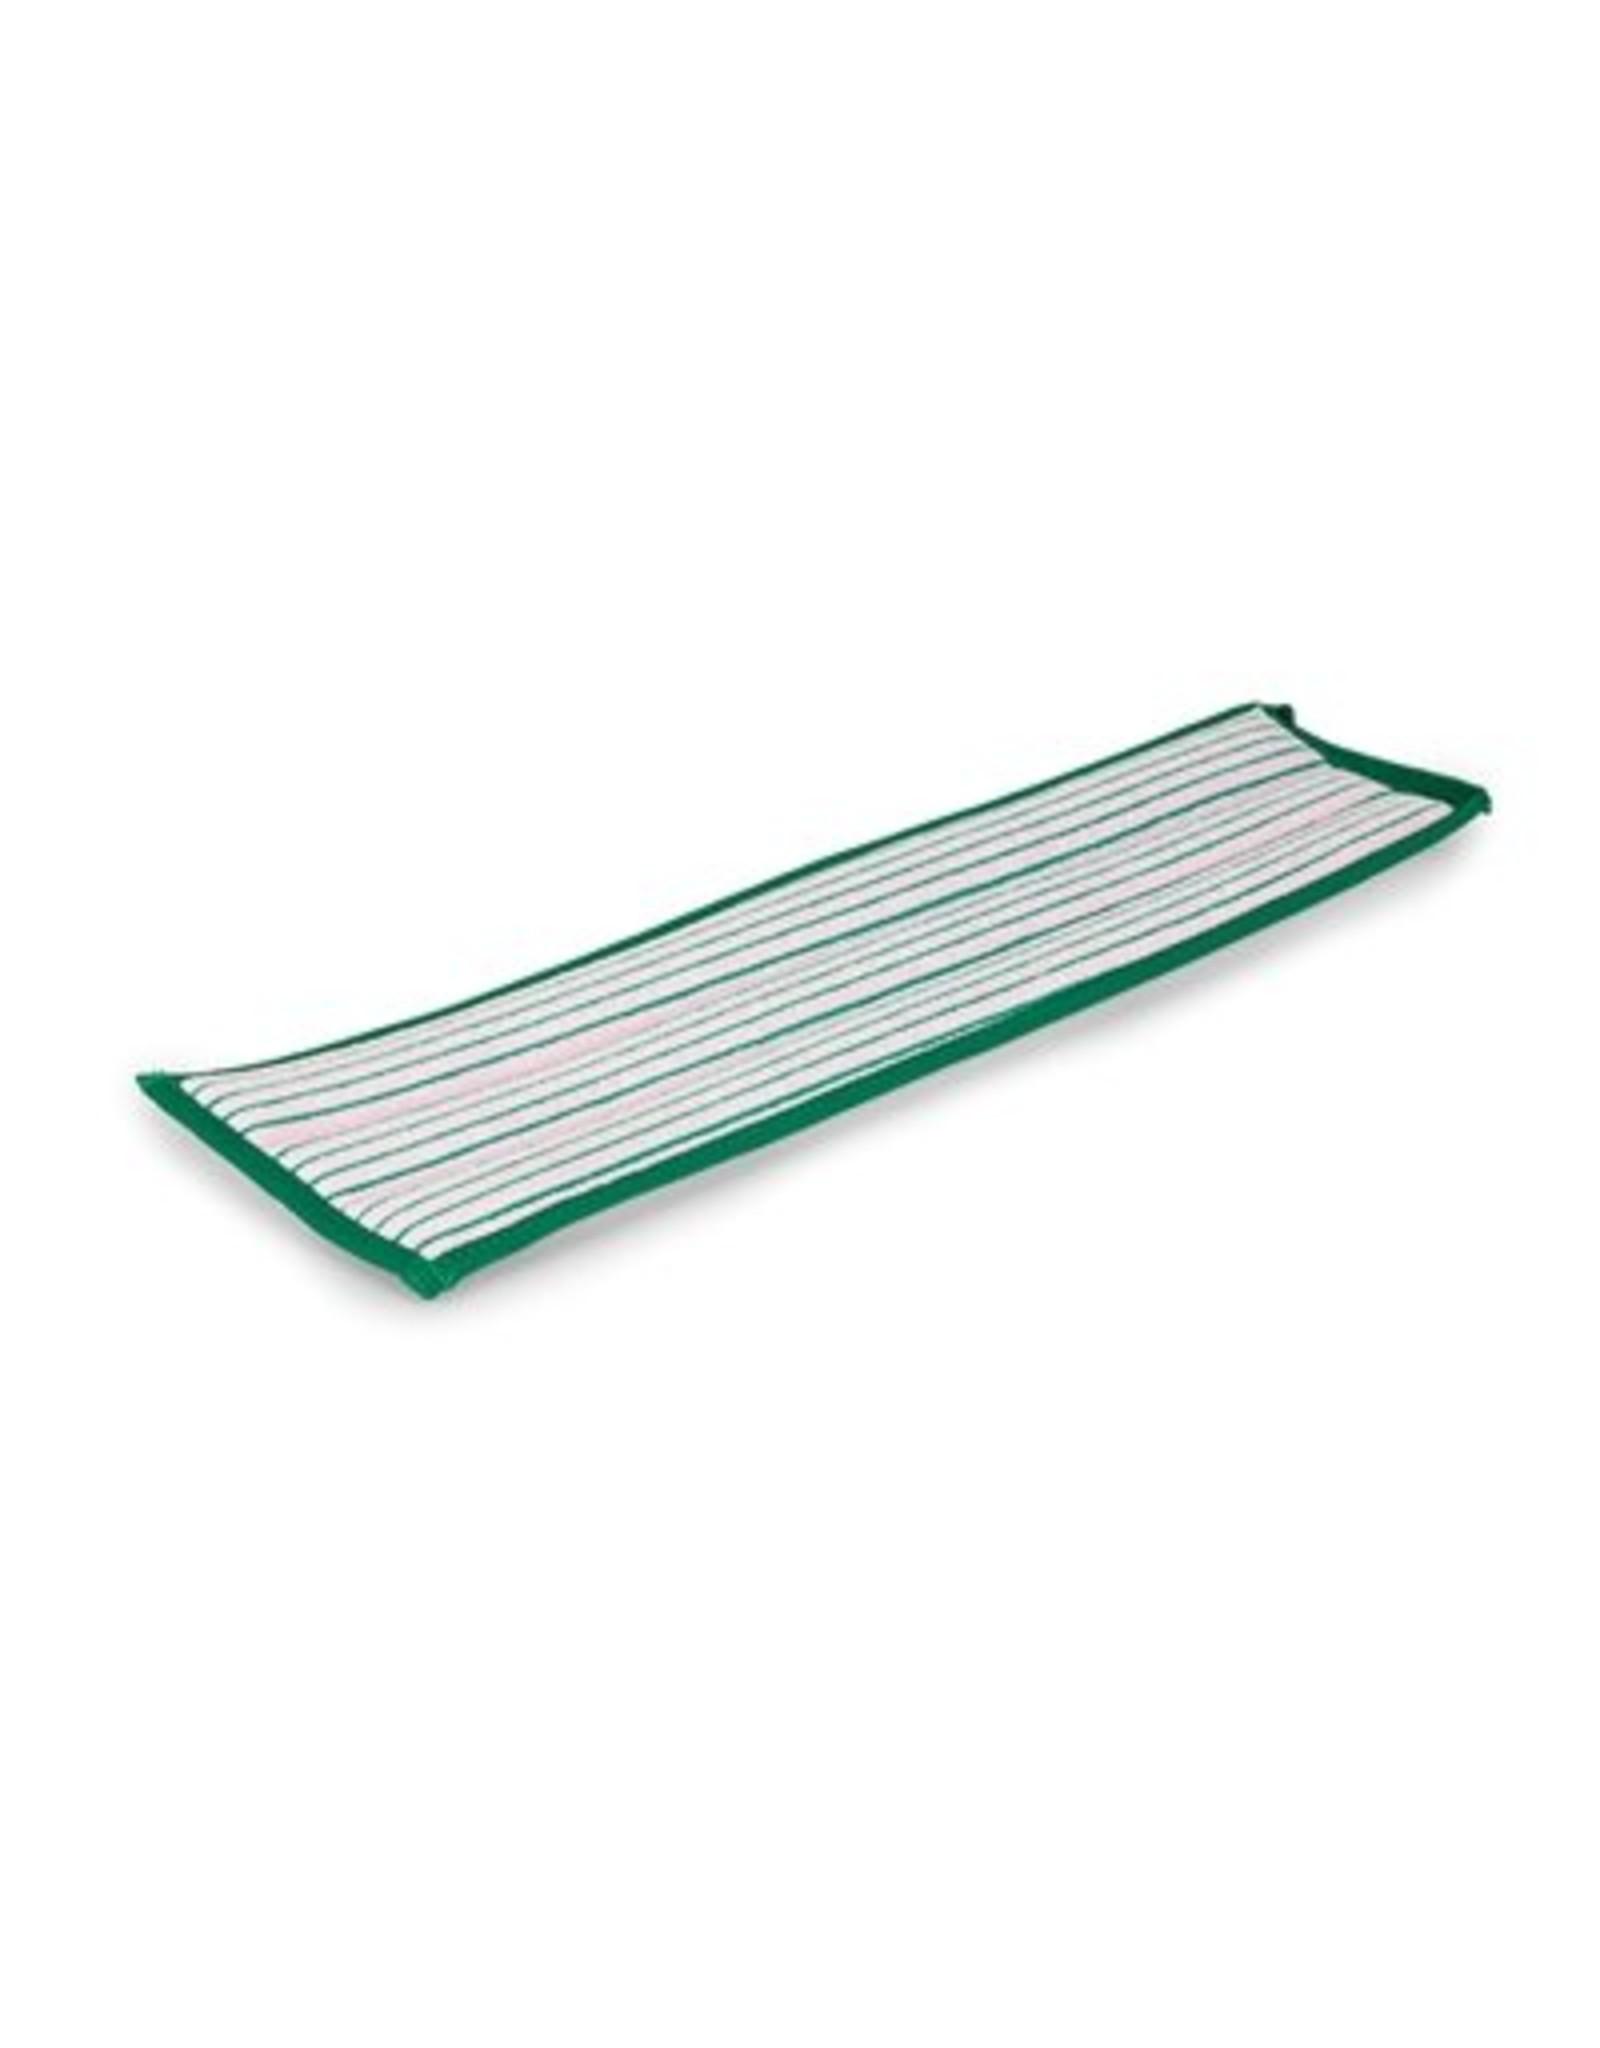 GREENSPEED Greenspeed Multimop velcro 45 cm